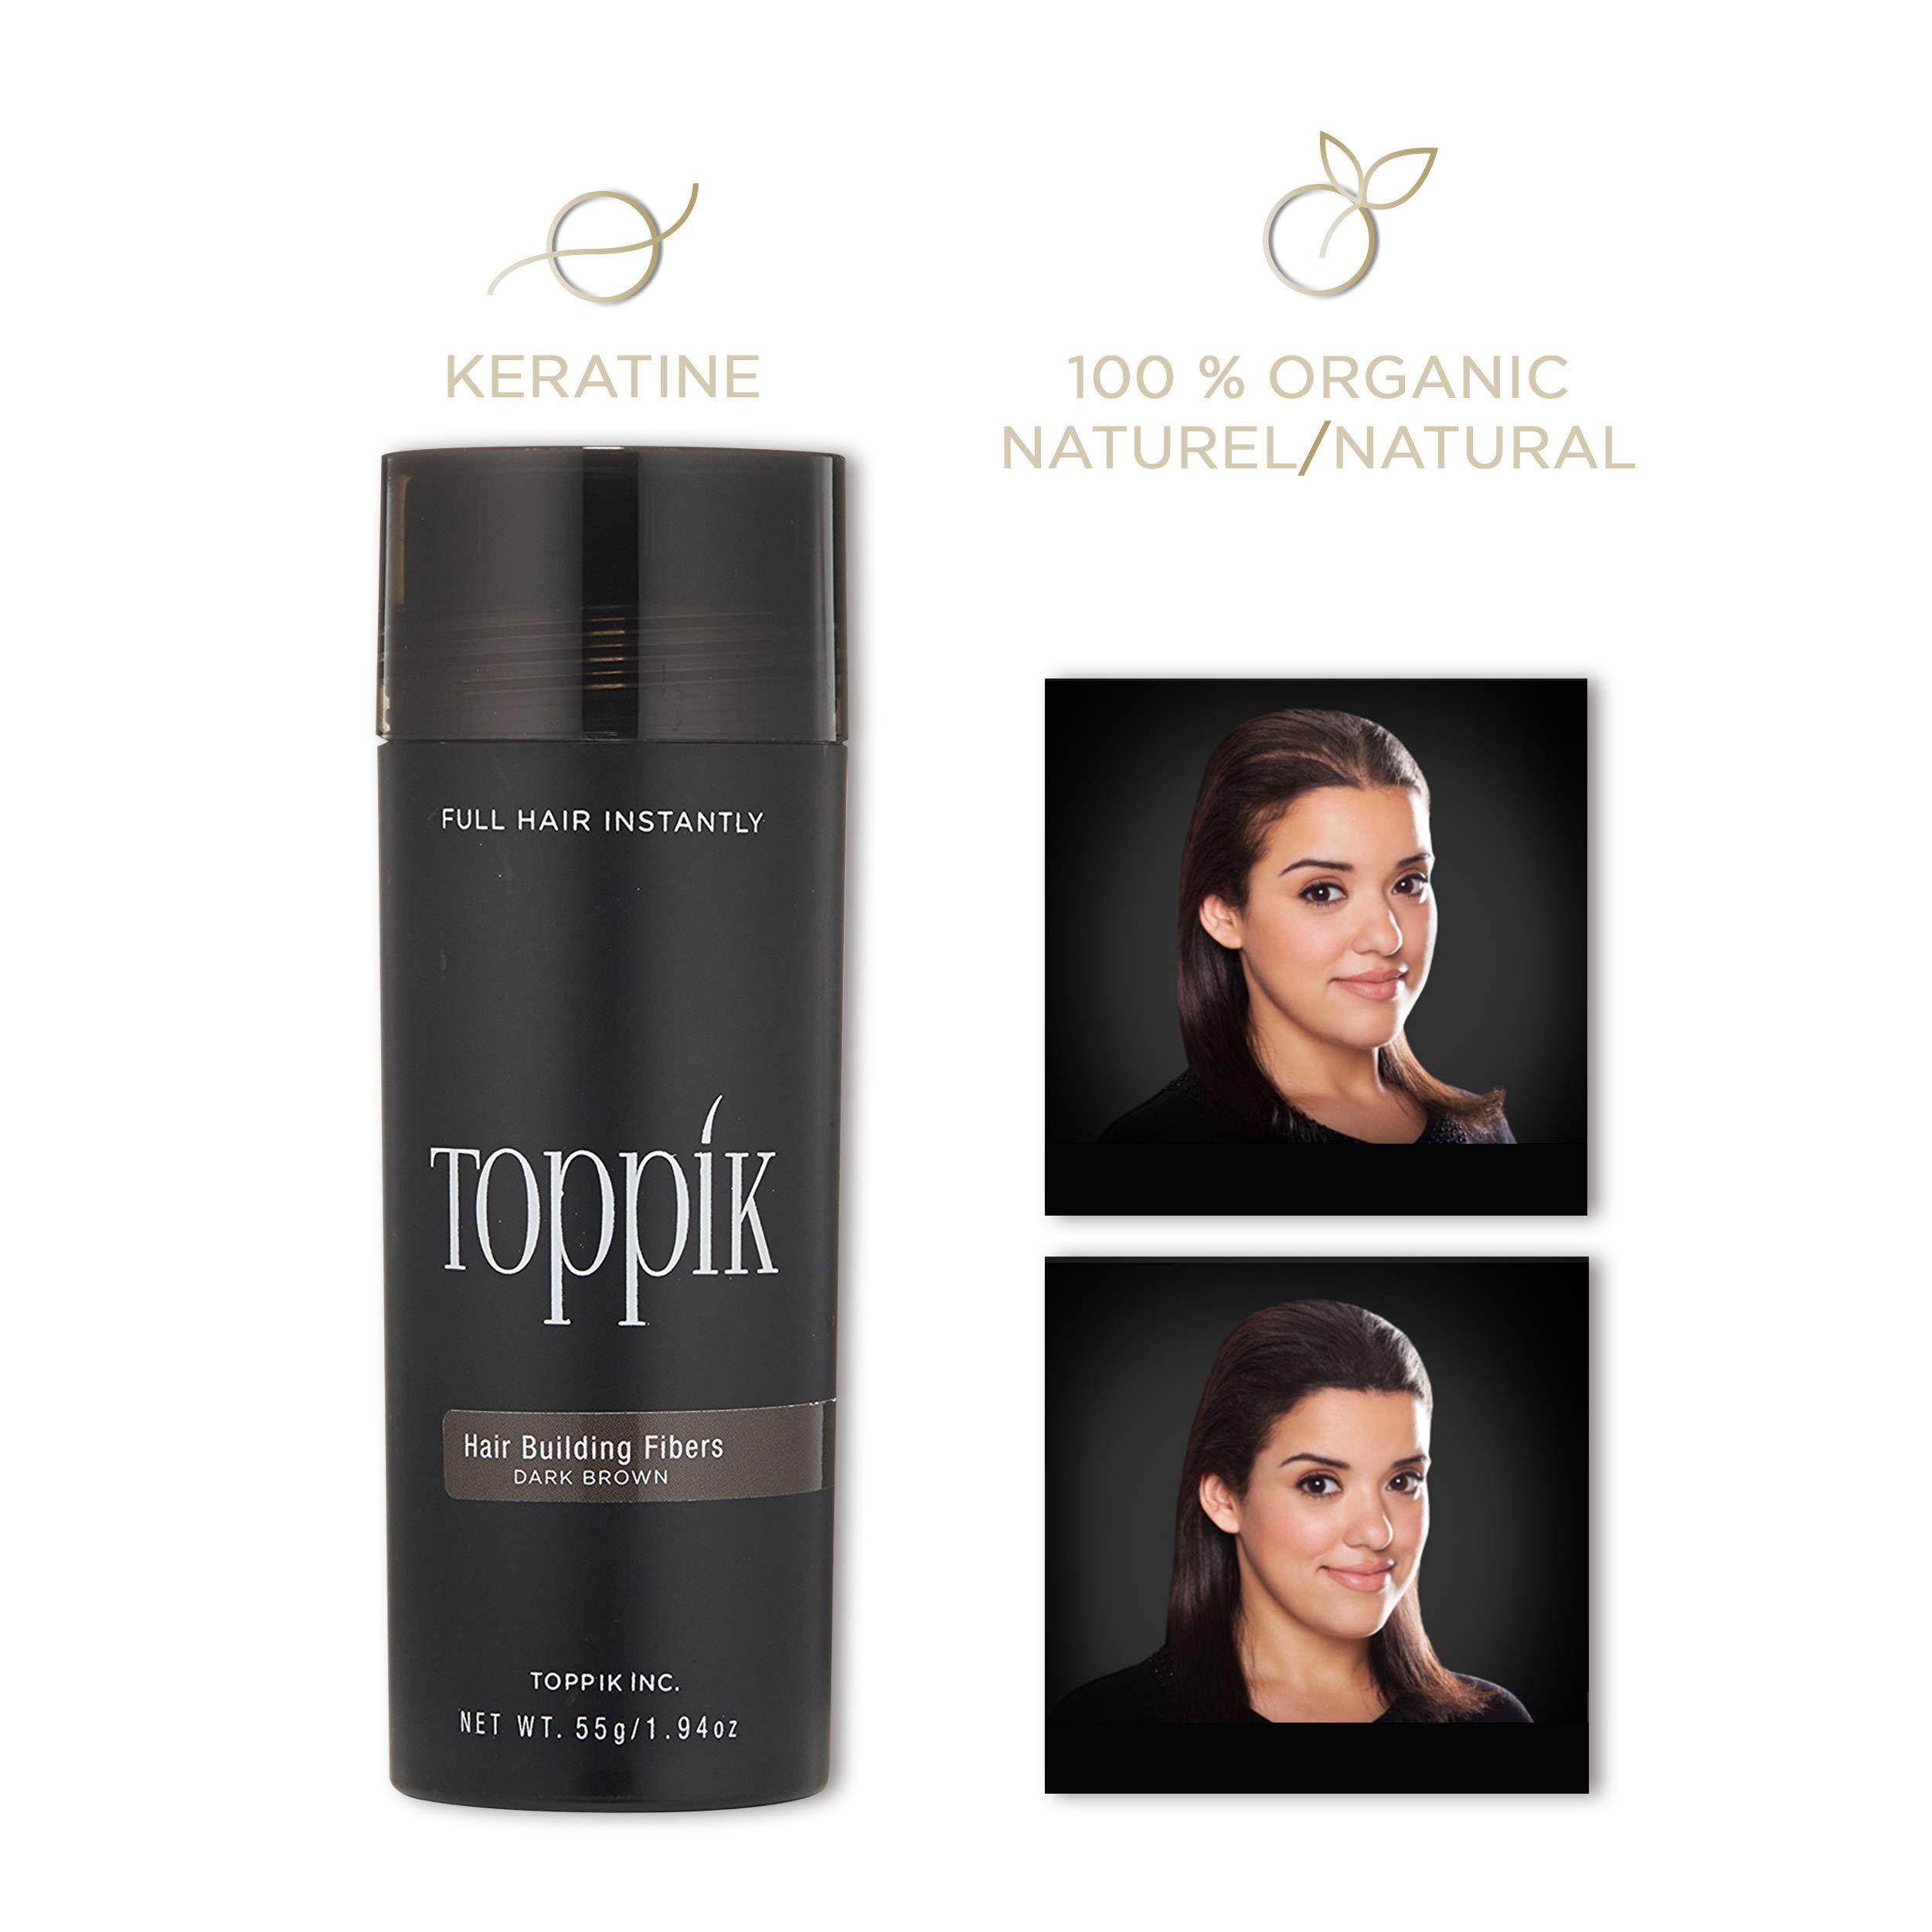 TOPPIK Hair Building Fibers, Dark Brown, 1.94 oz.